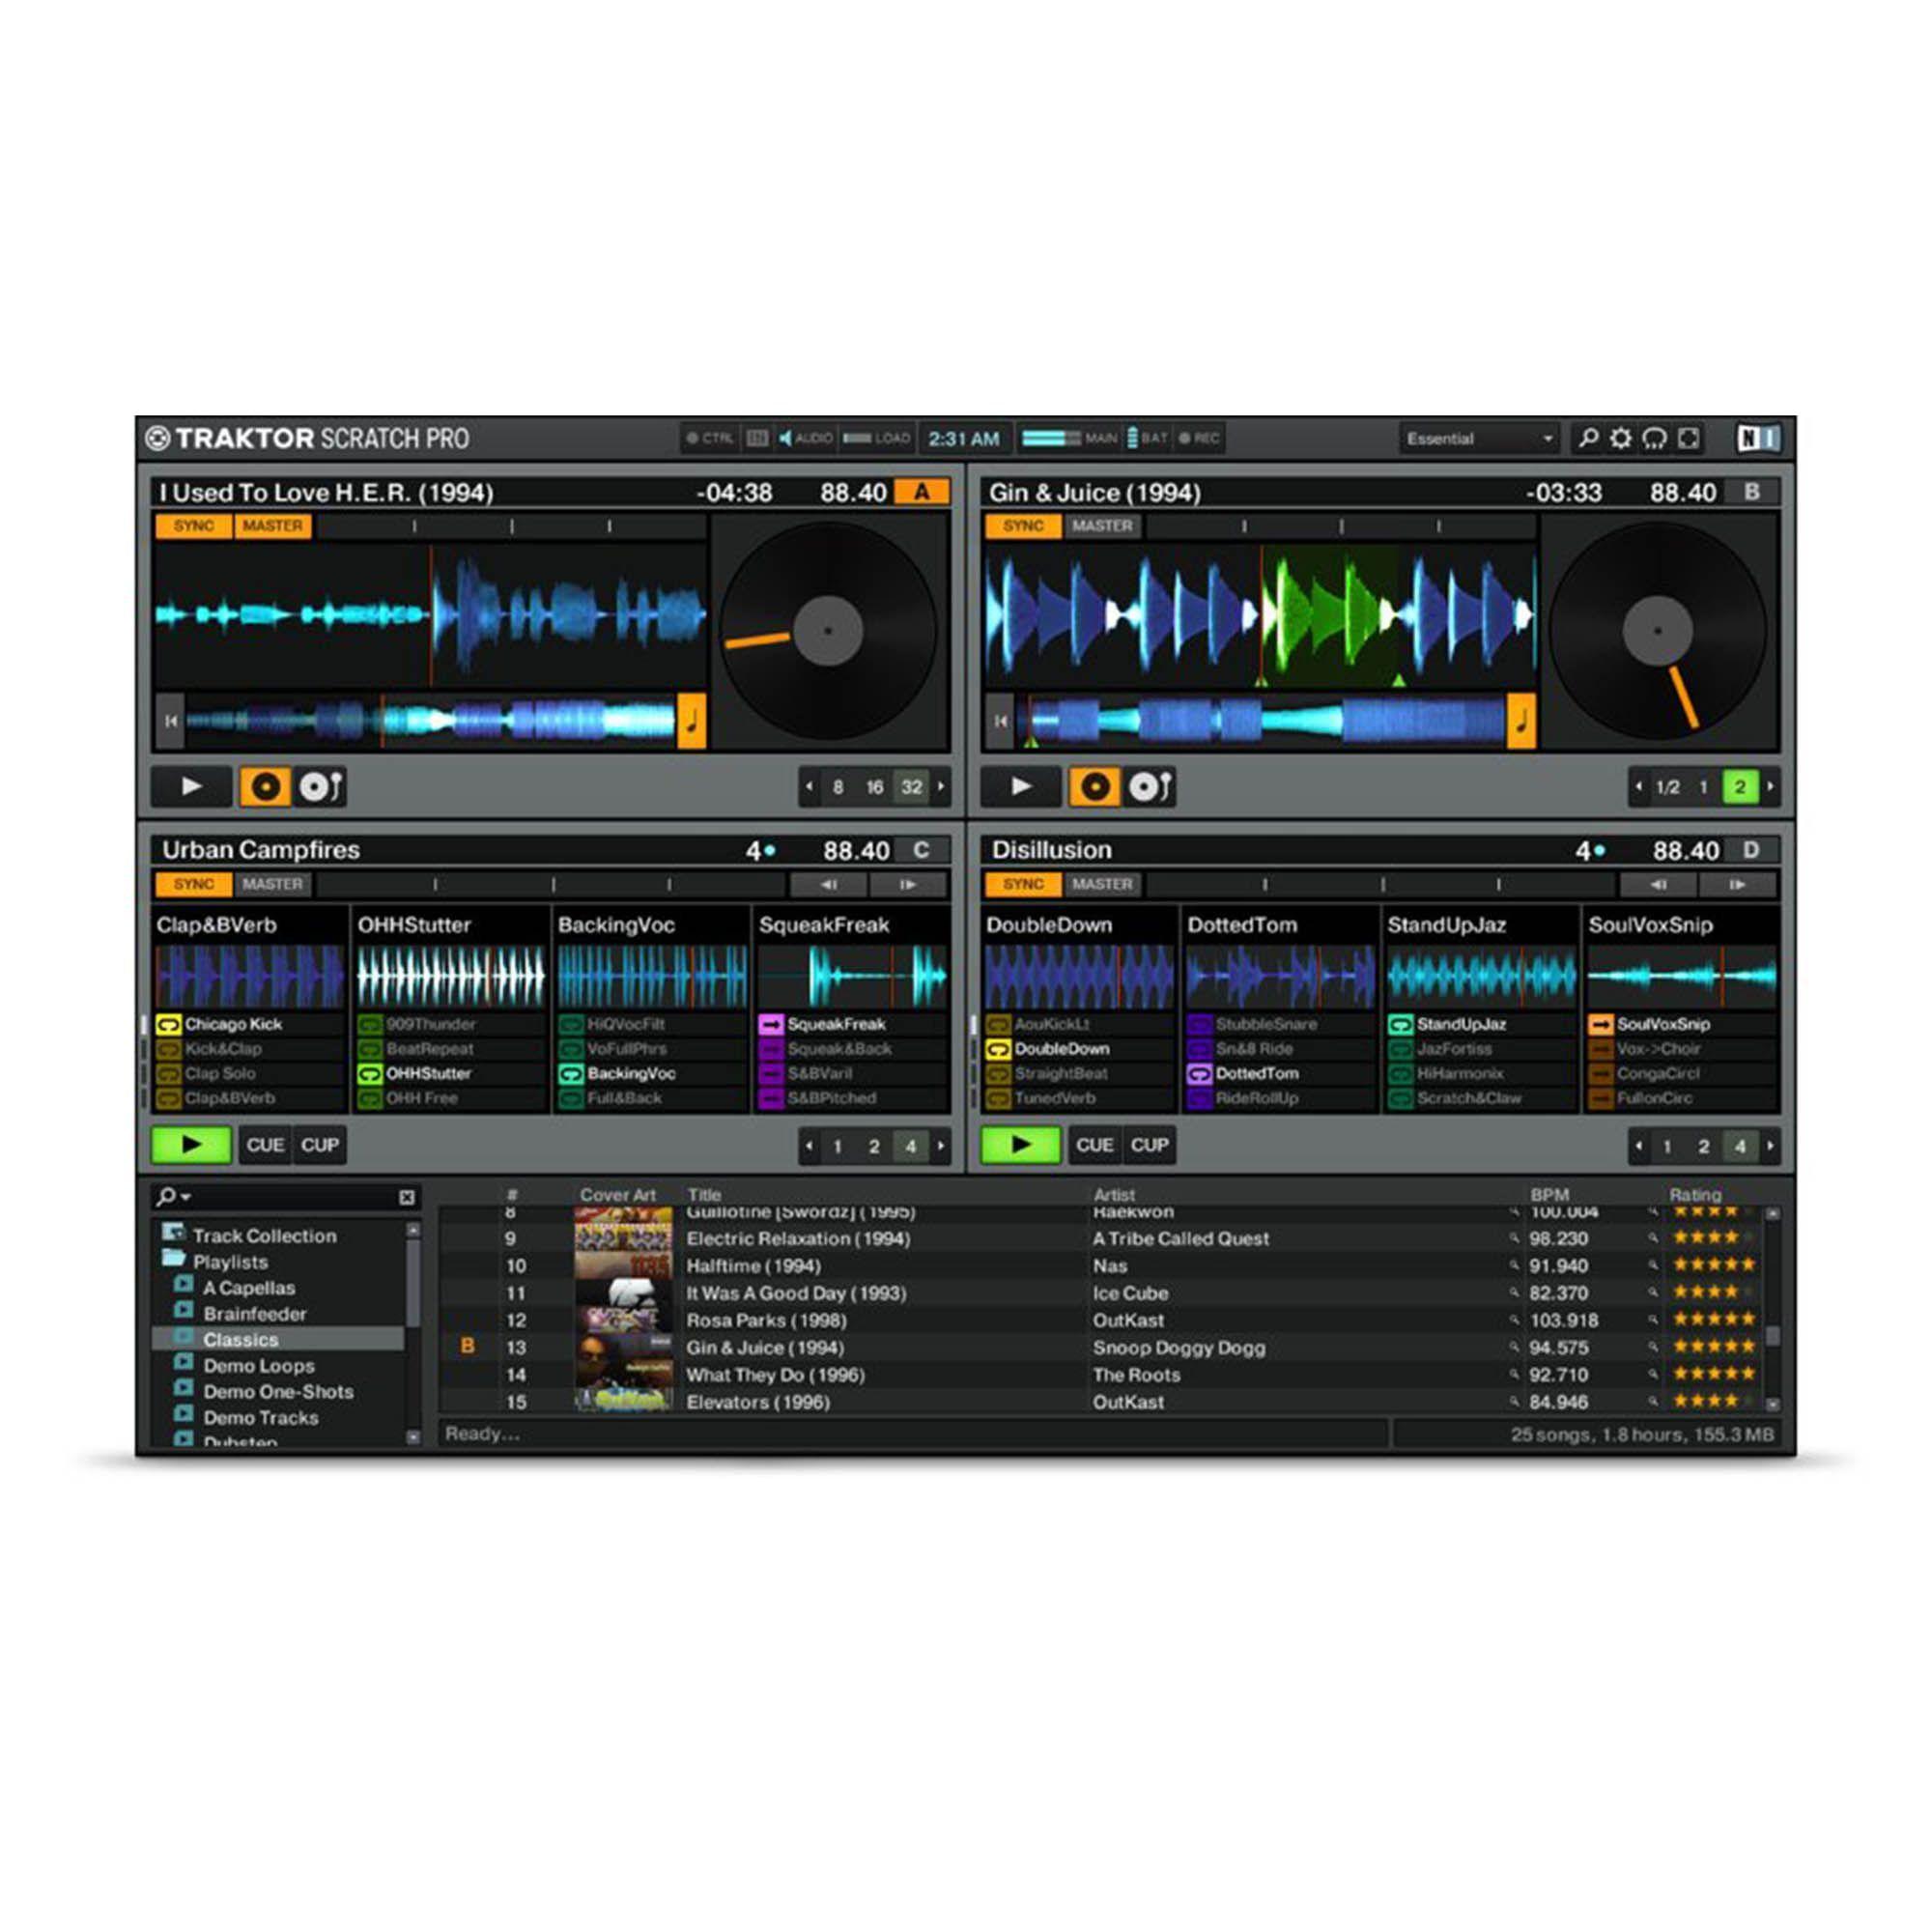 Native Instruments Traktor Scratch A10 Interface DVS Timecode